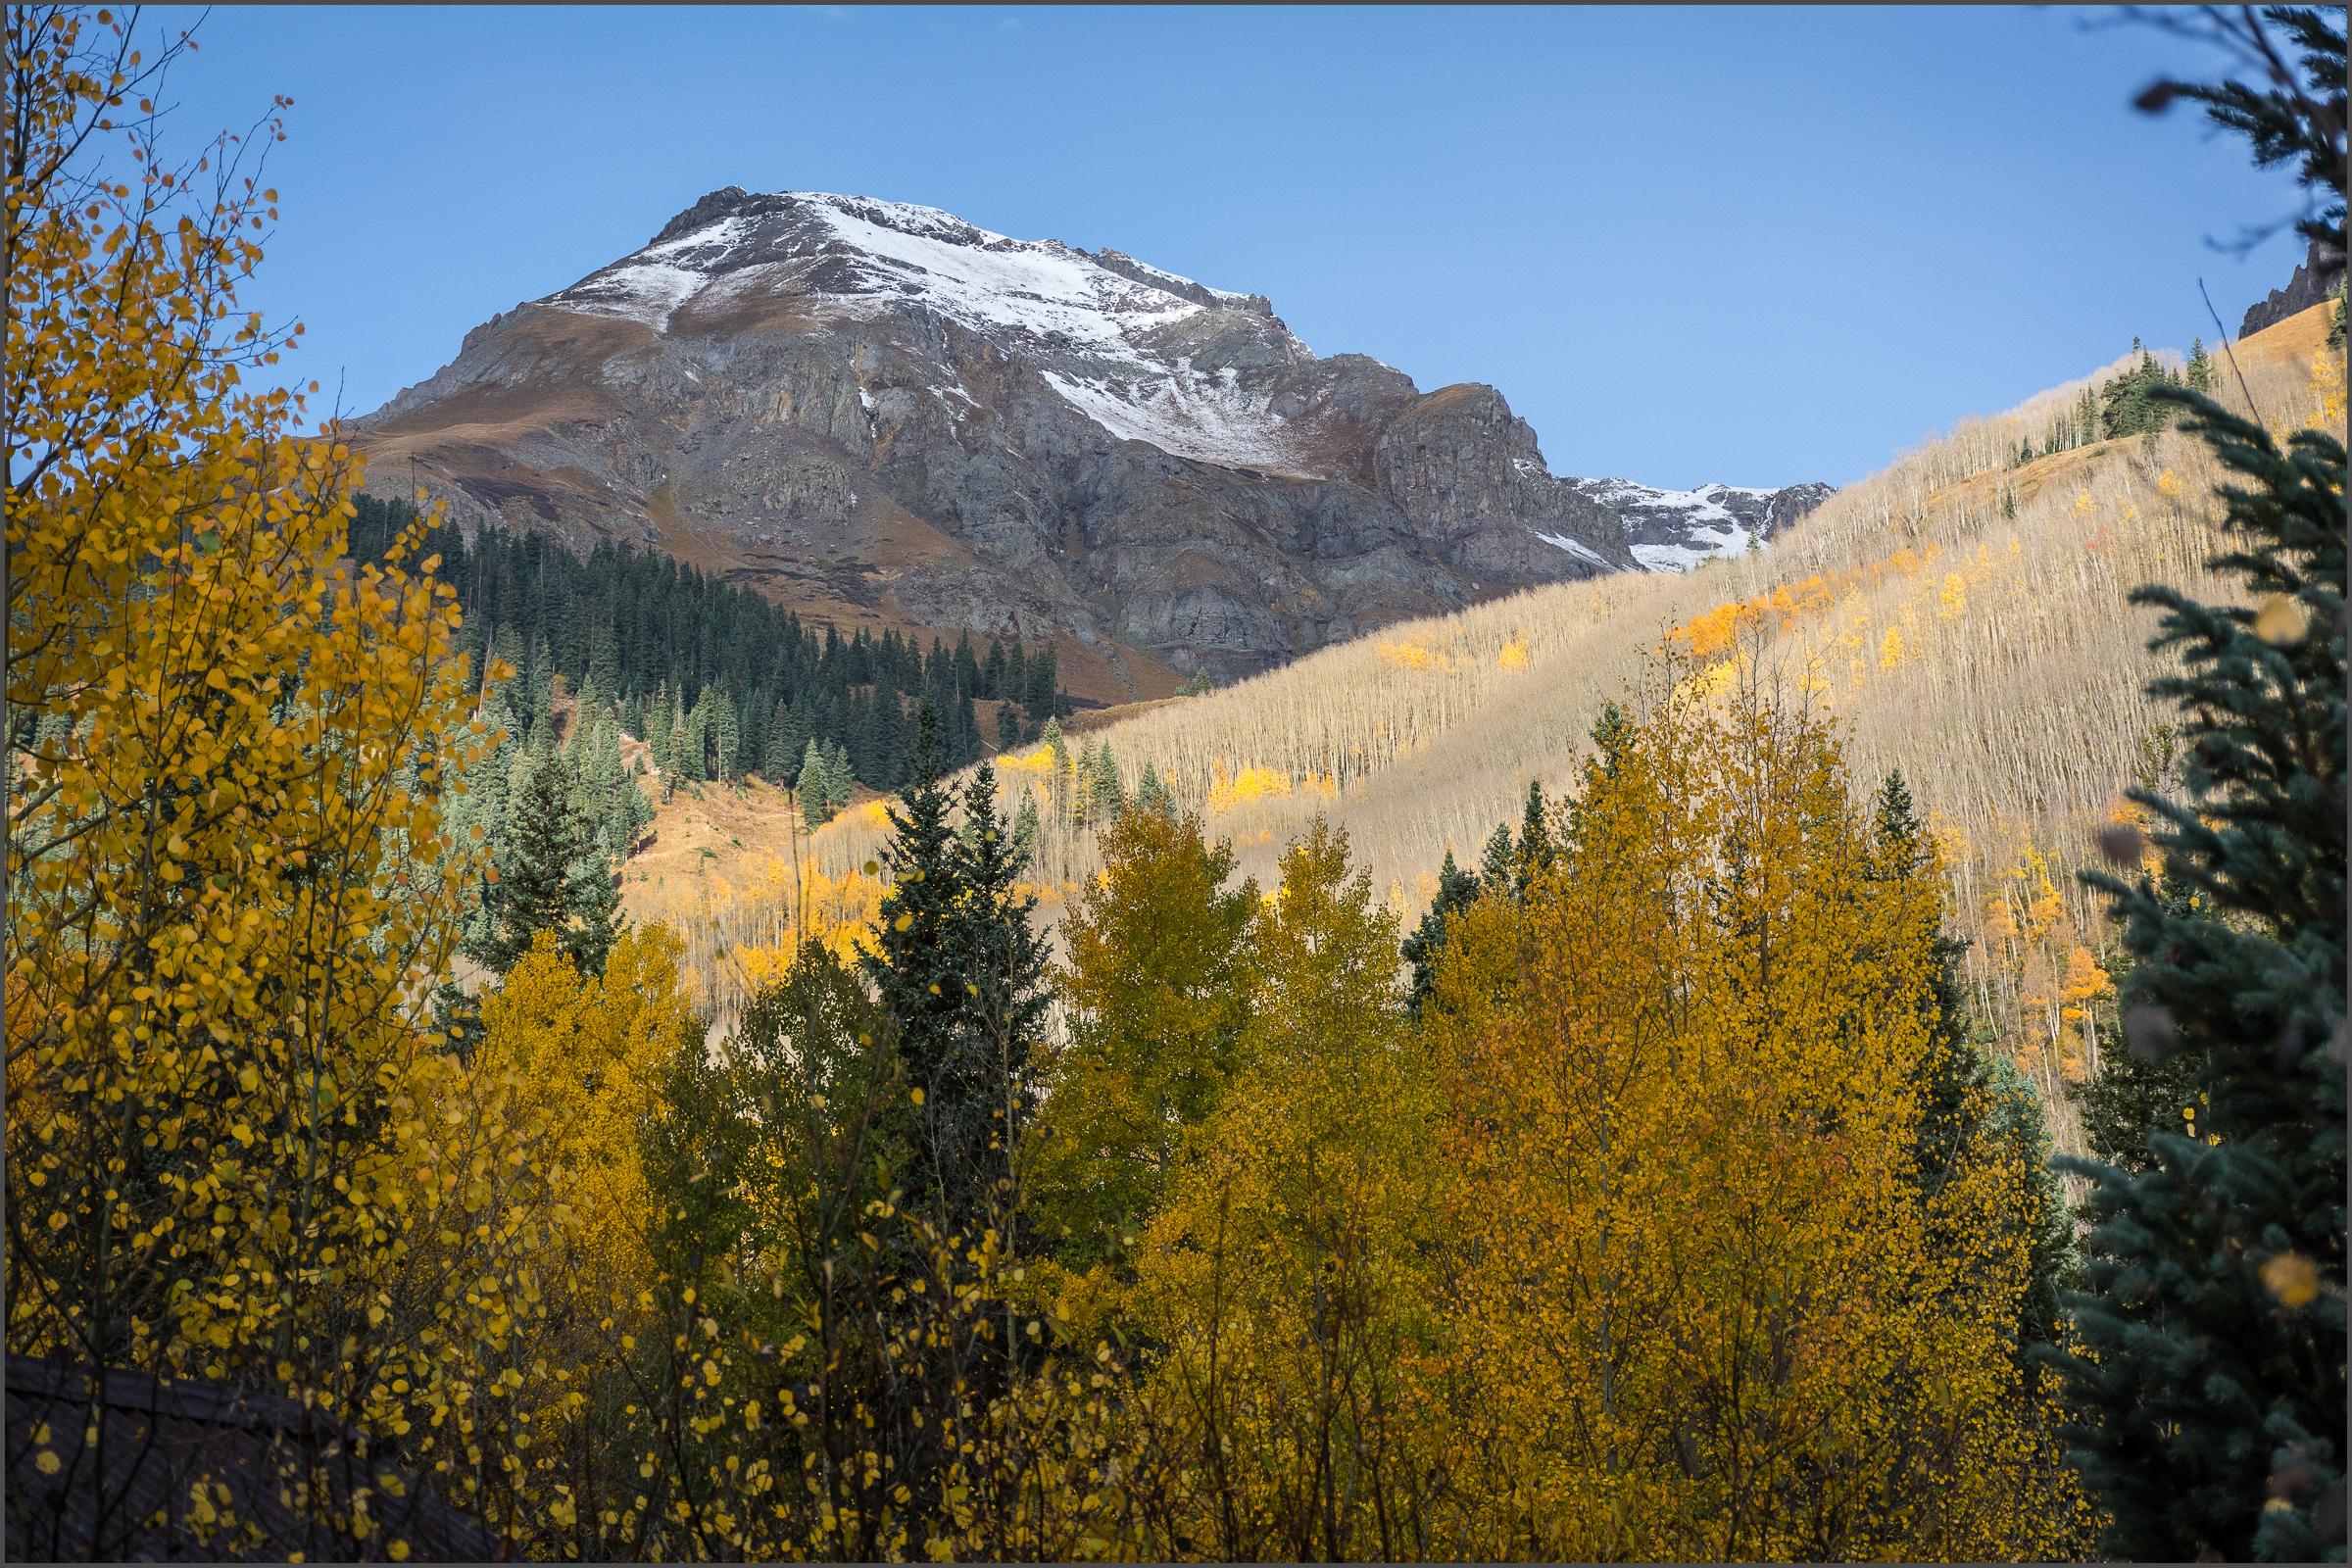 View from Ironton, Colorado